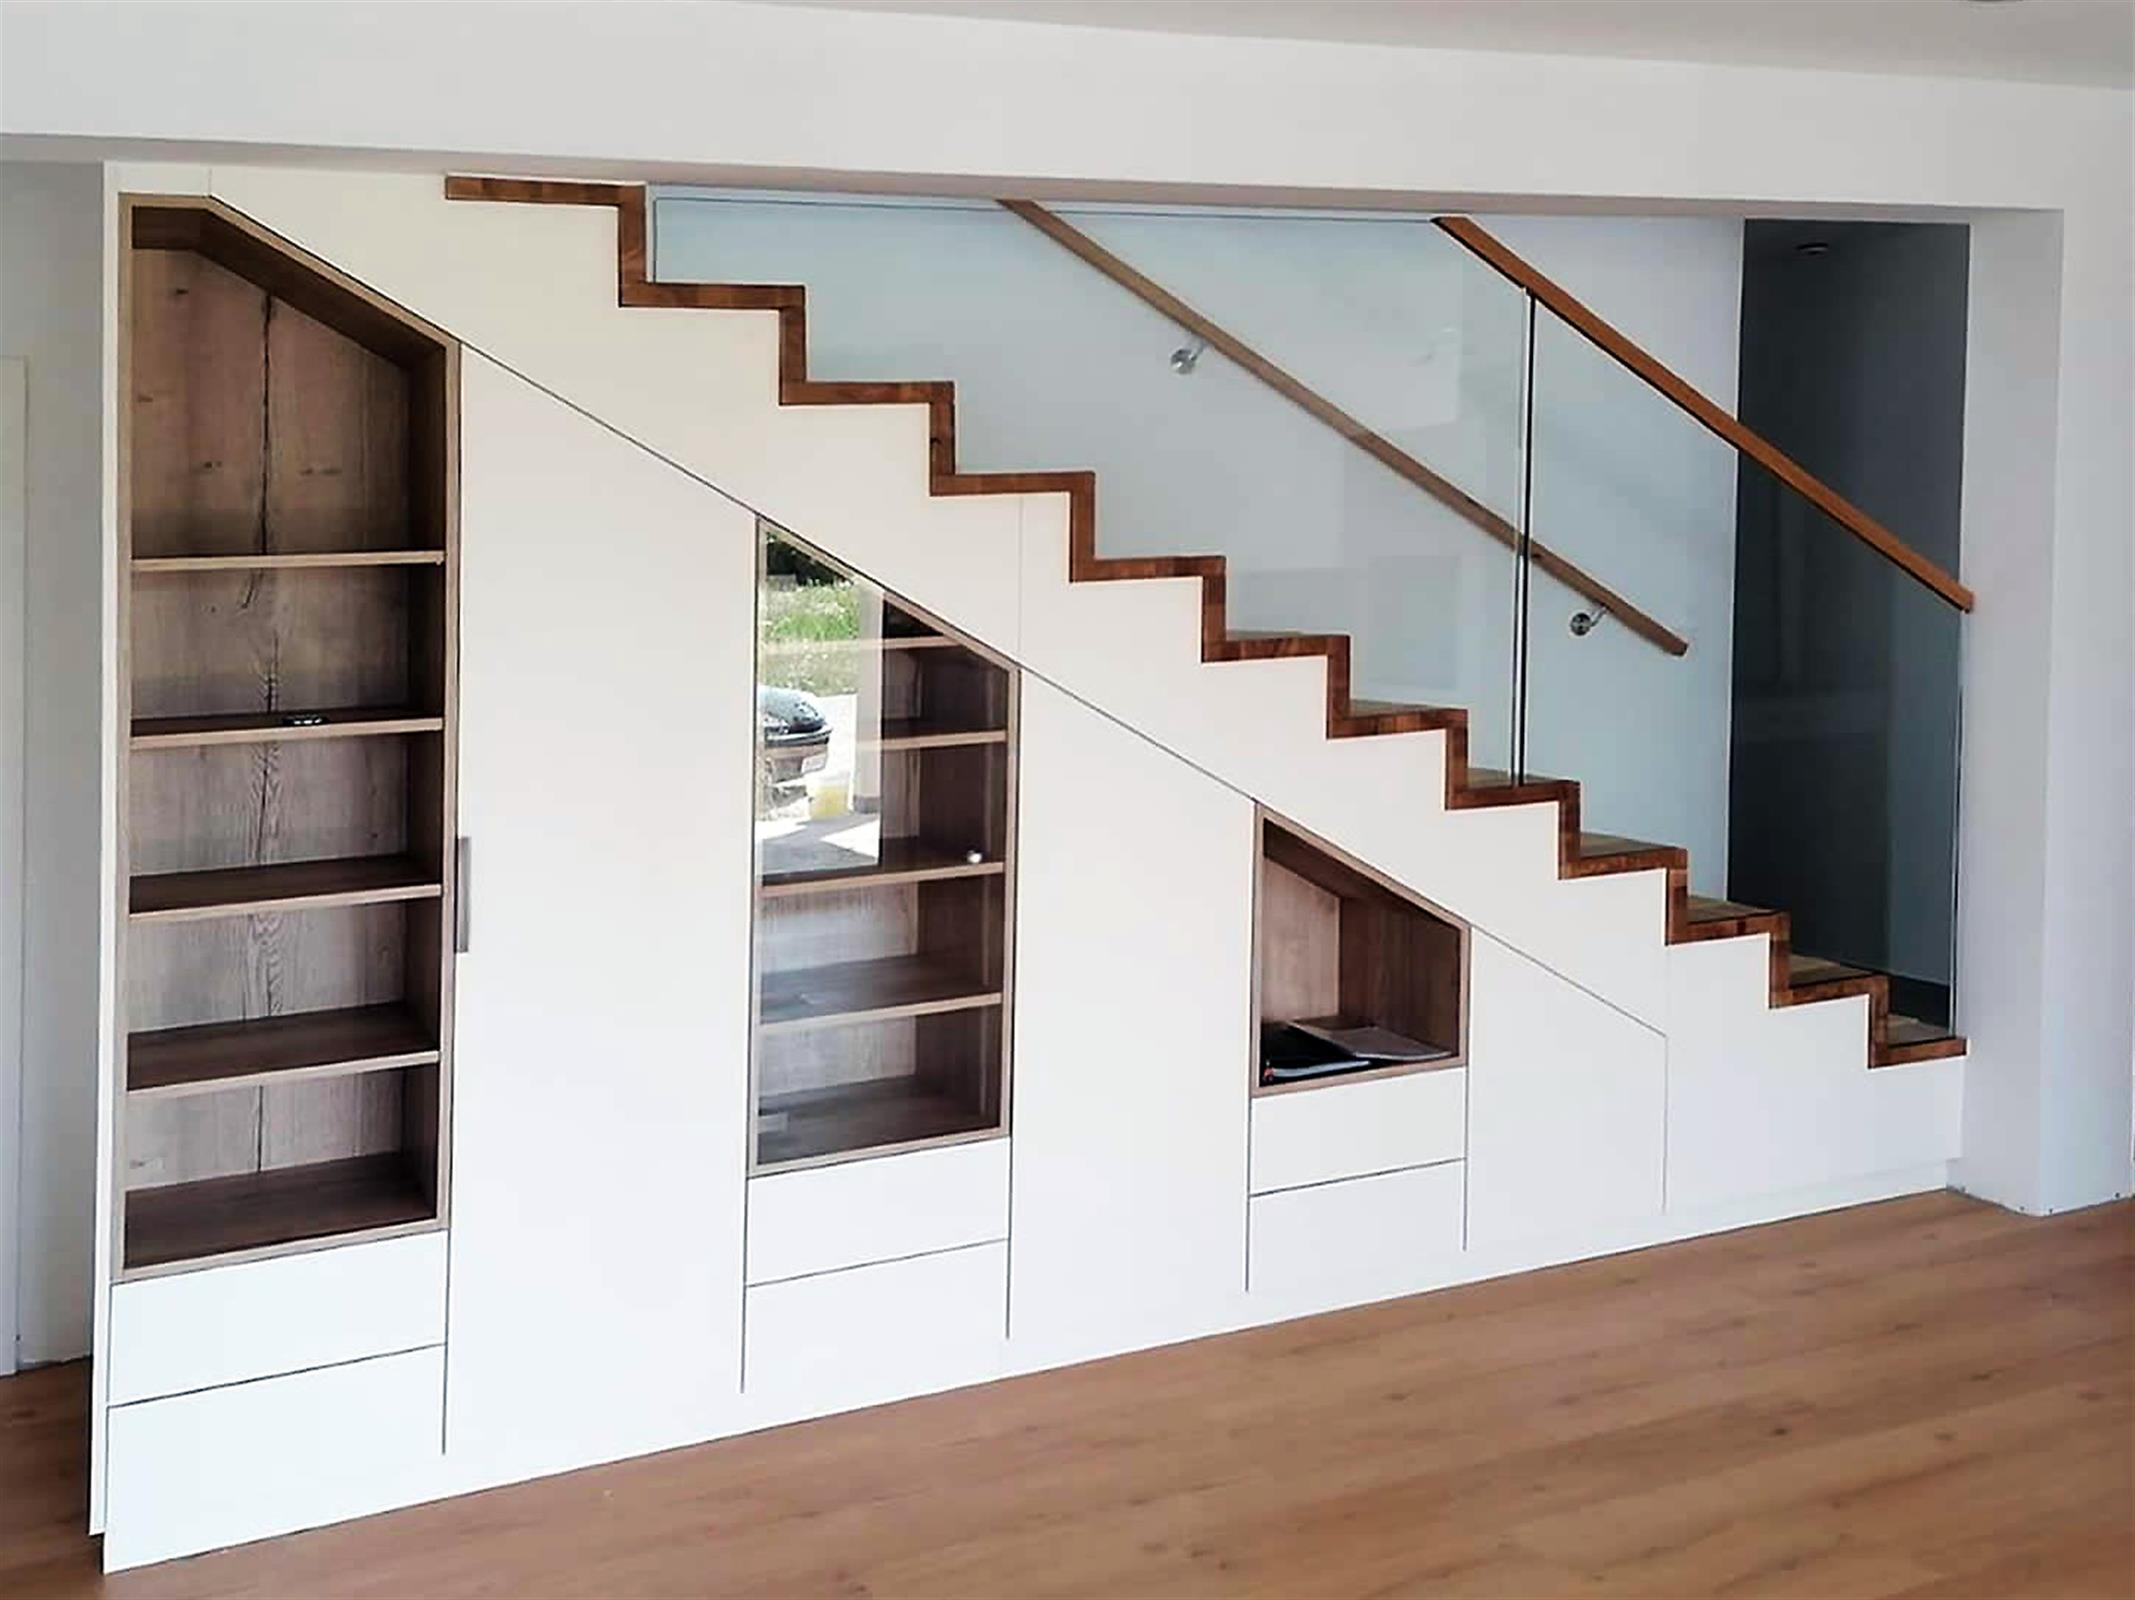 Stiegenverbau im Wohnzimmer vom Tischler